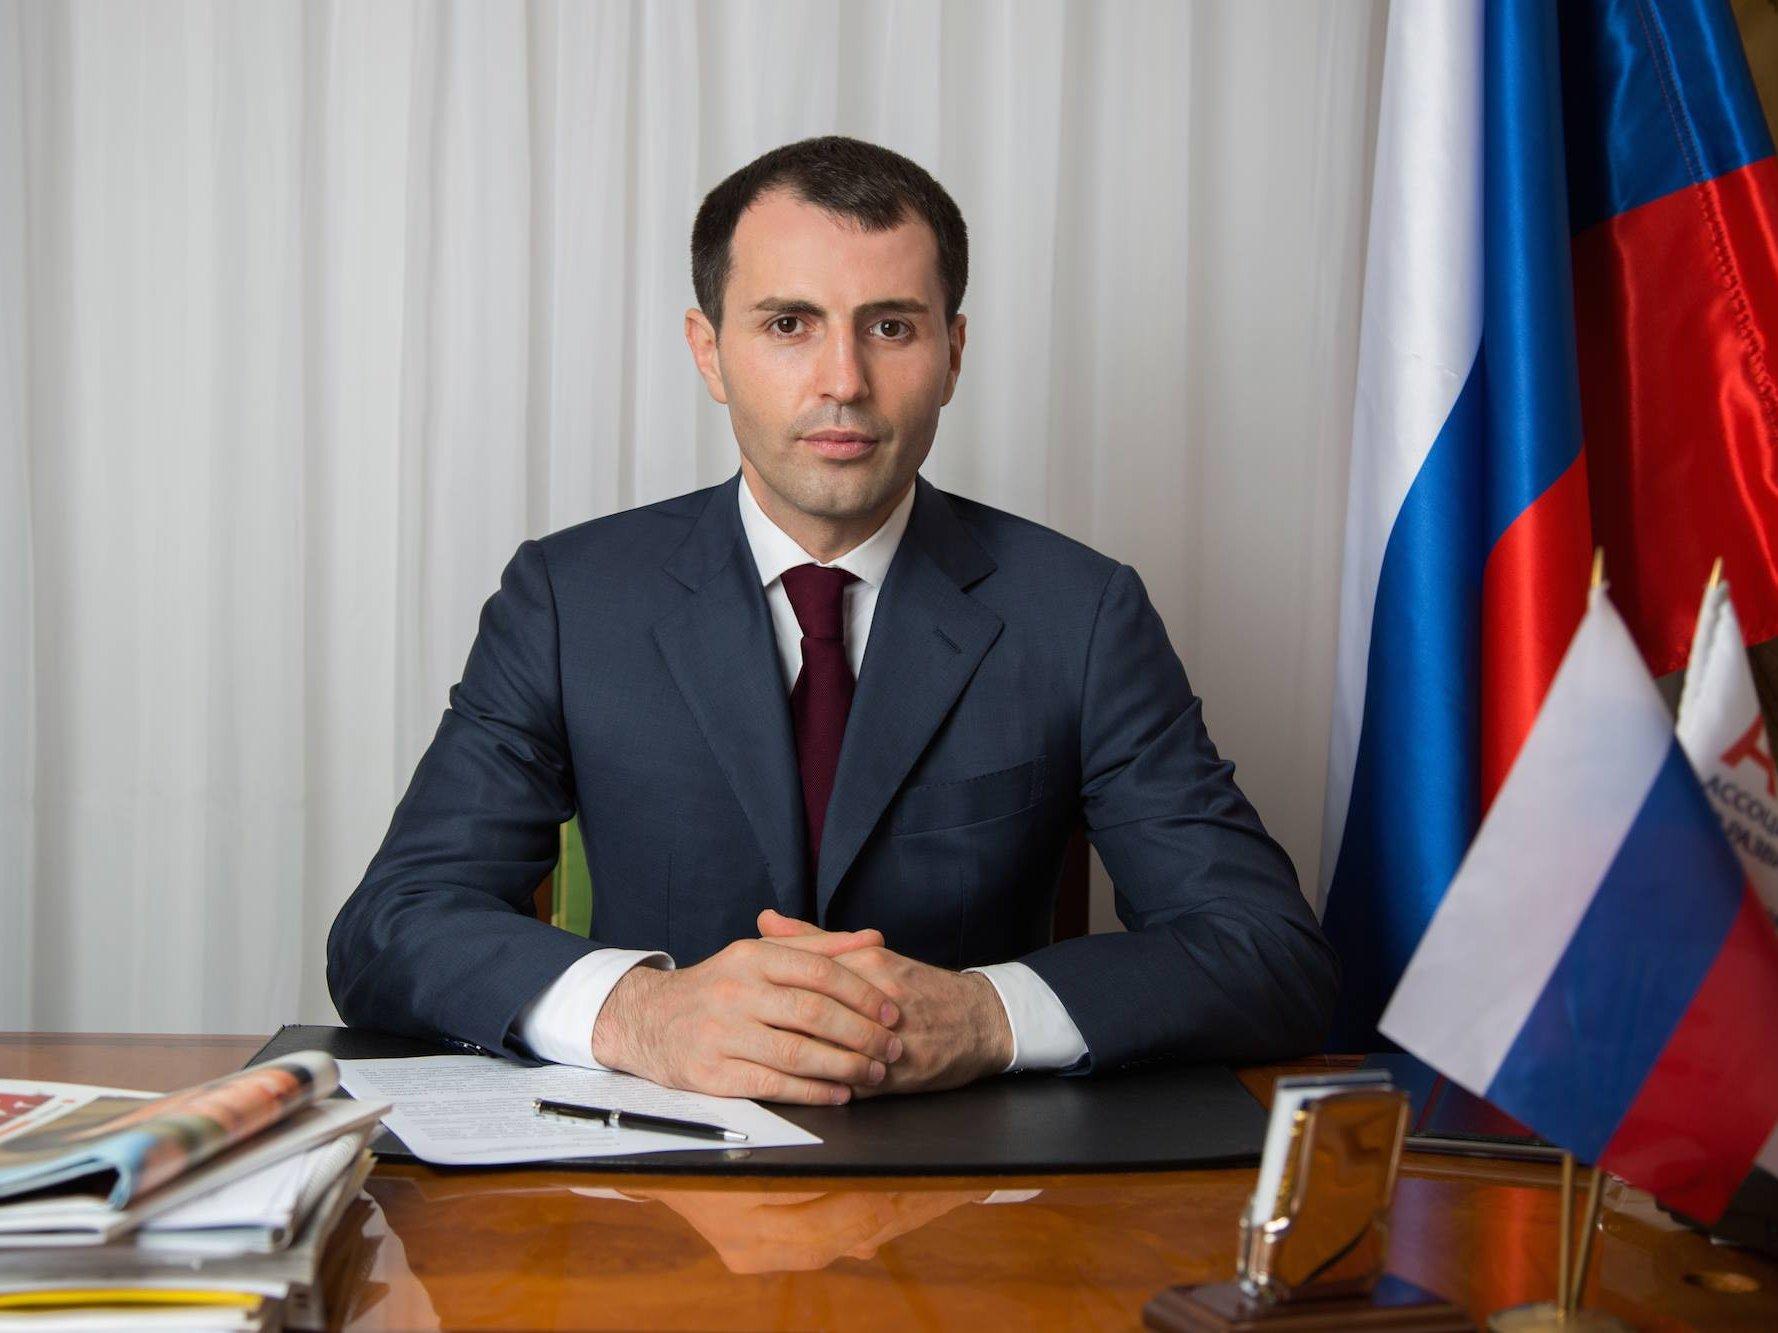 Прежний работодатель Лизы Песковой решил выдвинуться впрезиденты РФ